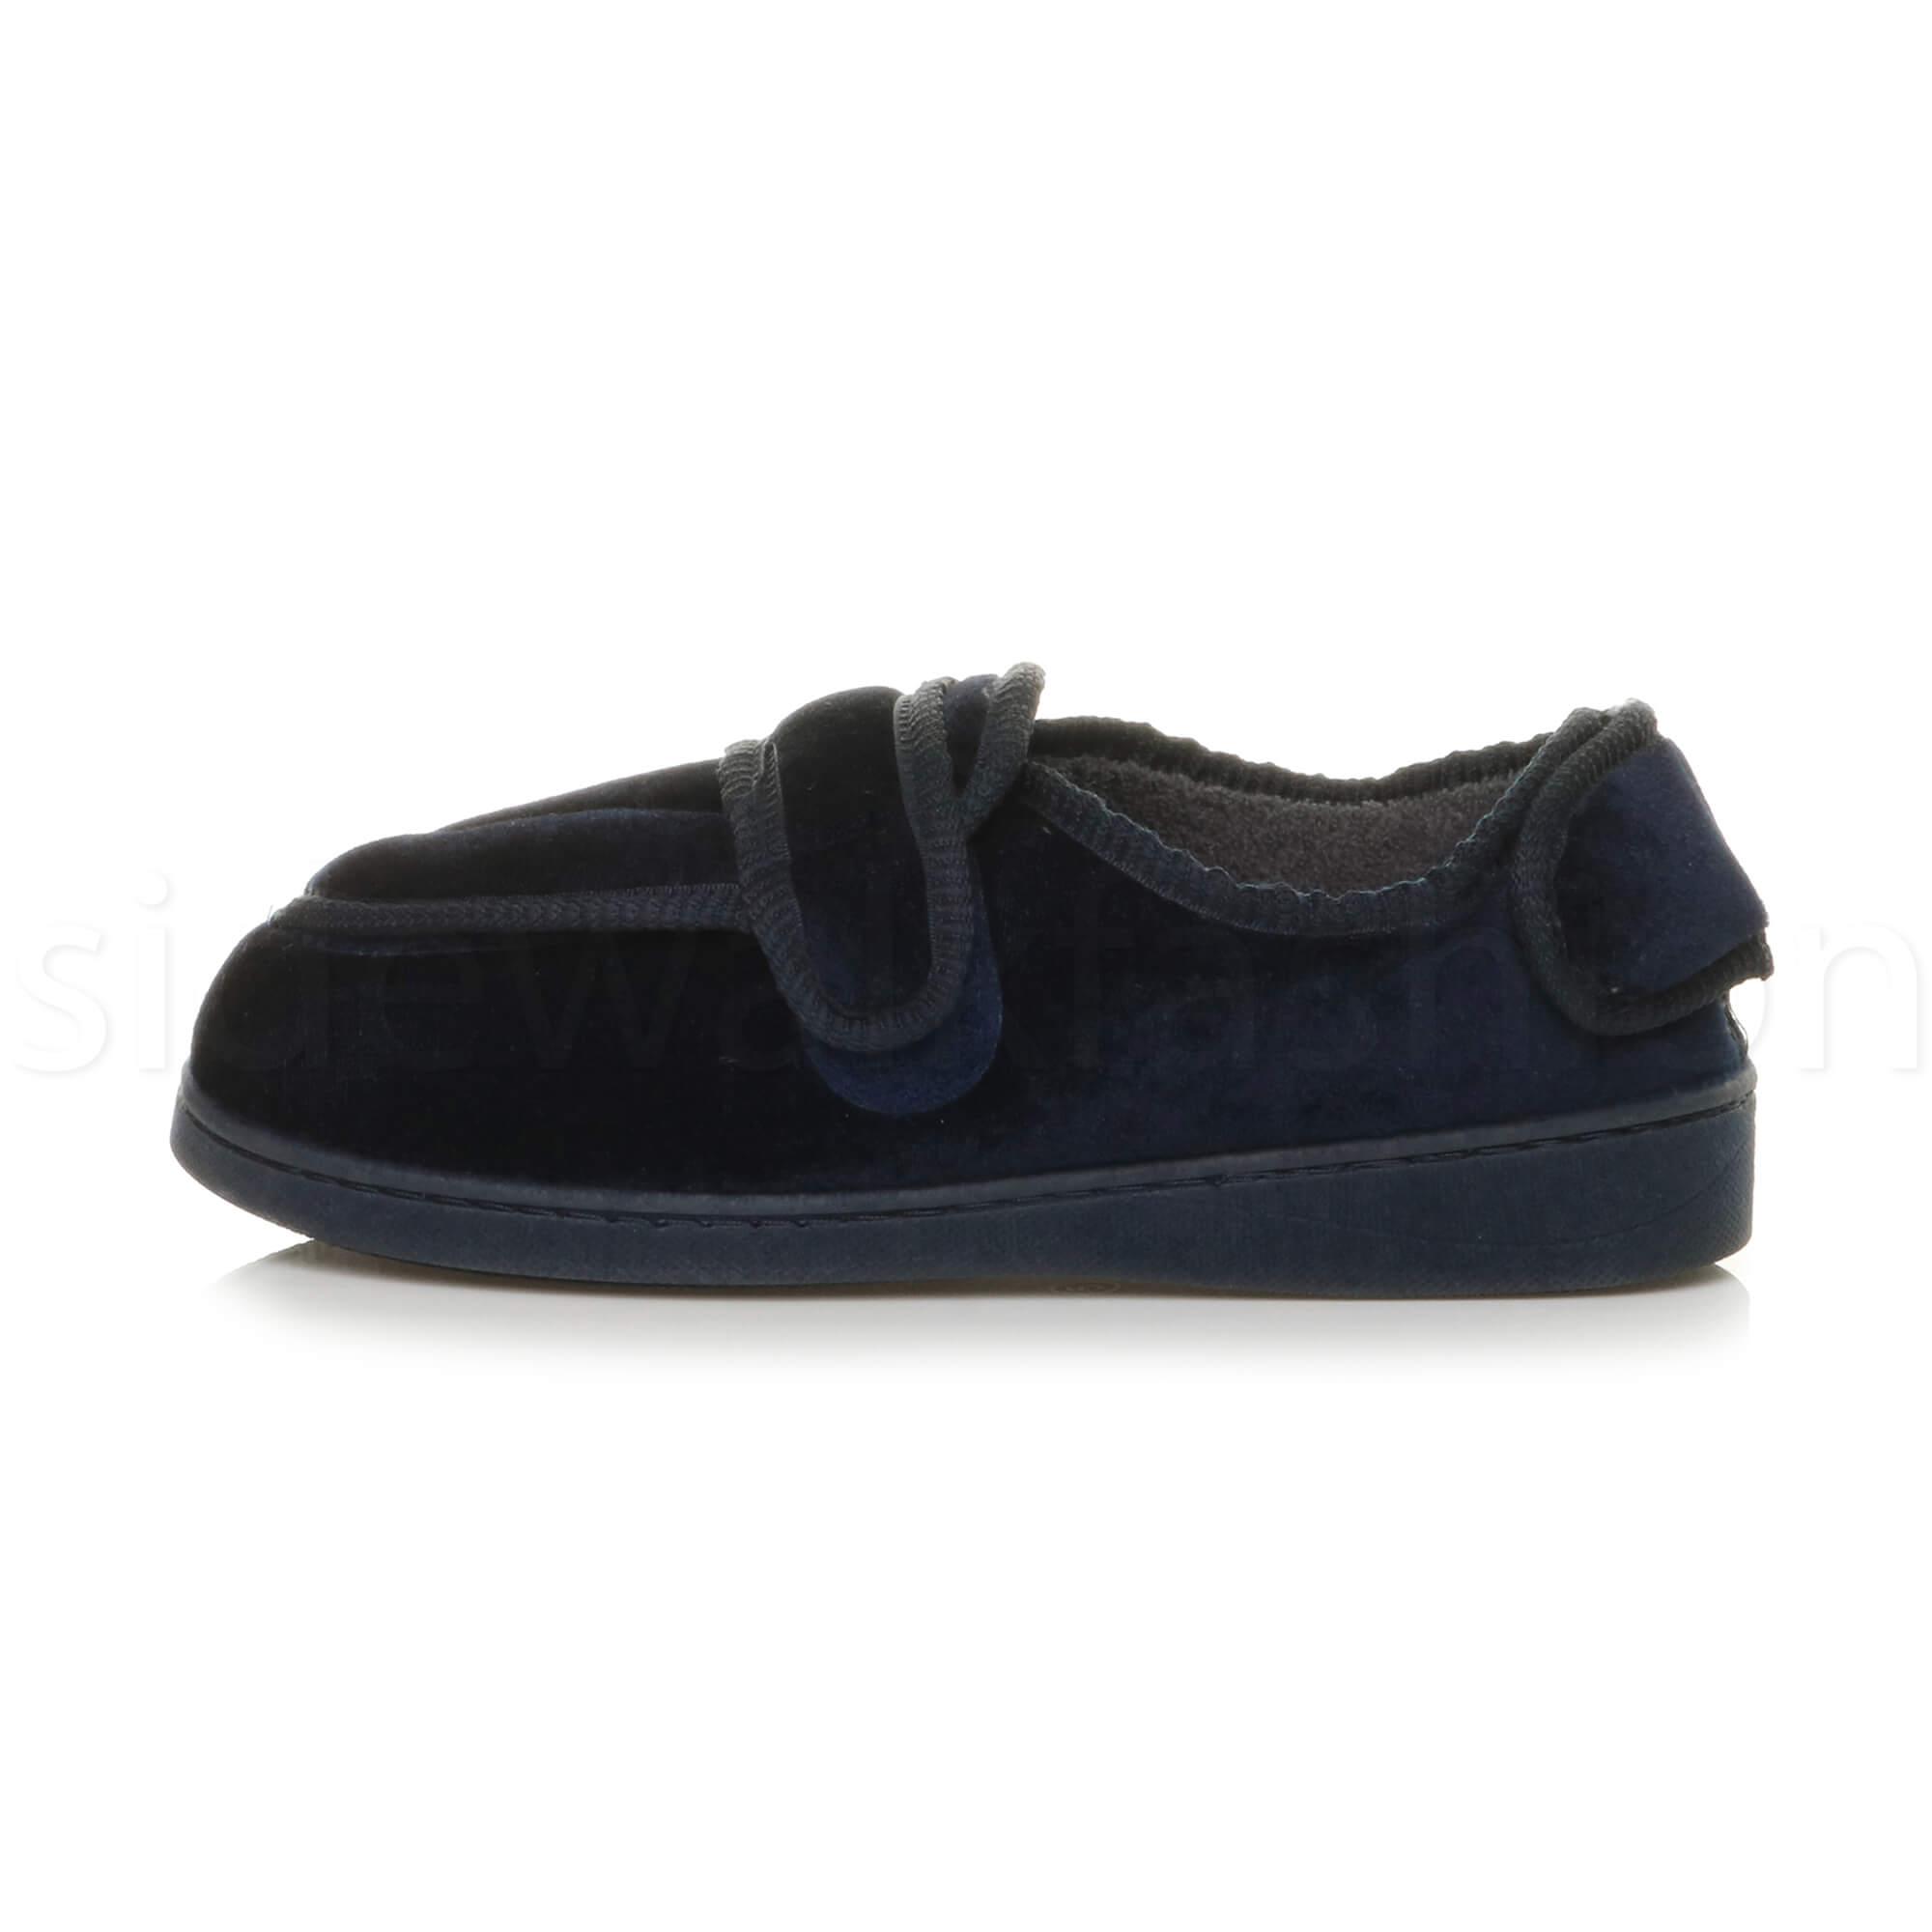 Orthopedic House Shoes Uk